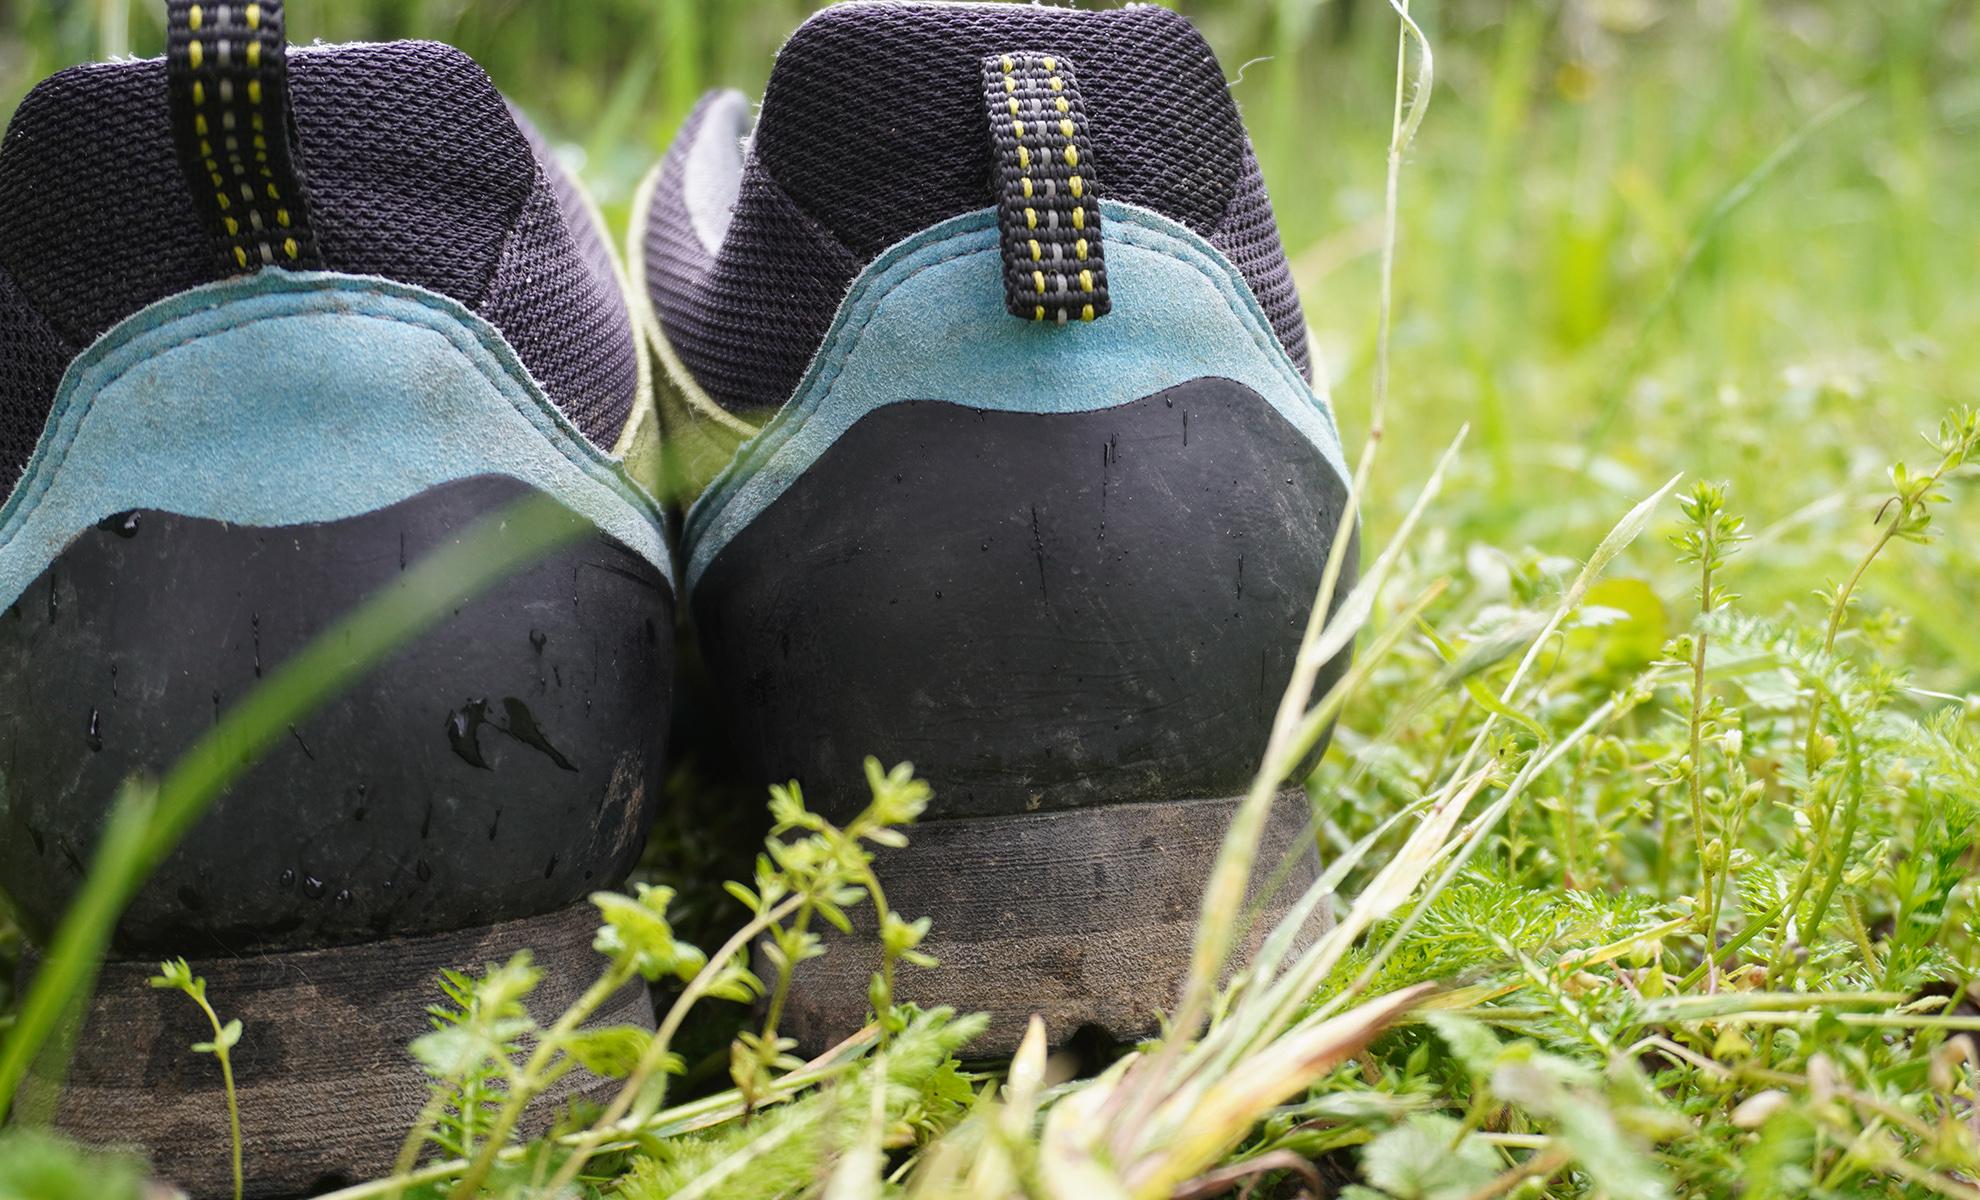 Bosp Grifit recenzia a záväsné uško, ktoré pomáha trekingovú topánku aj lepšie nazúvať